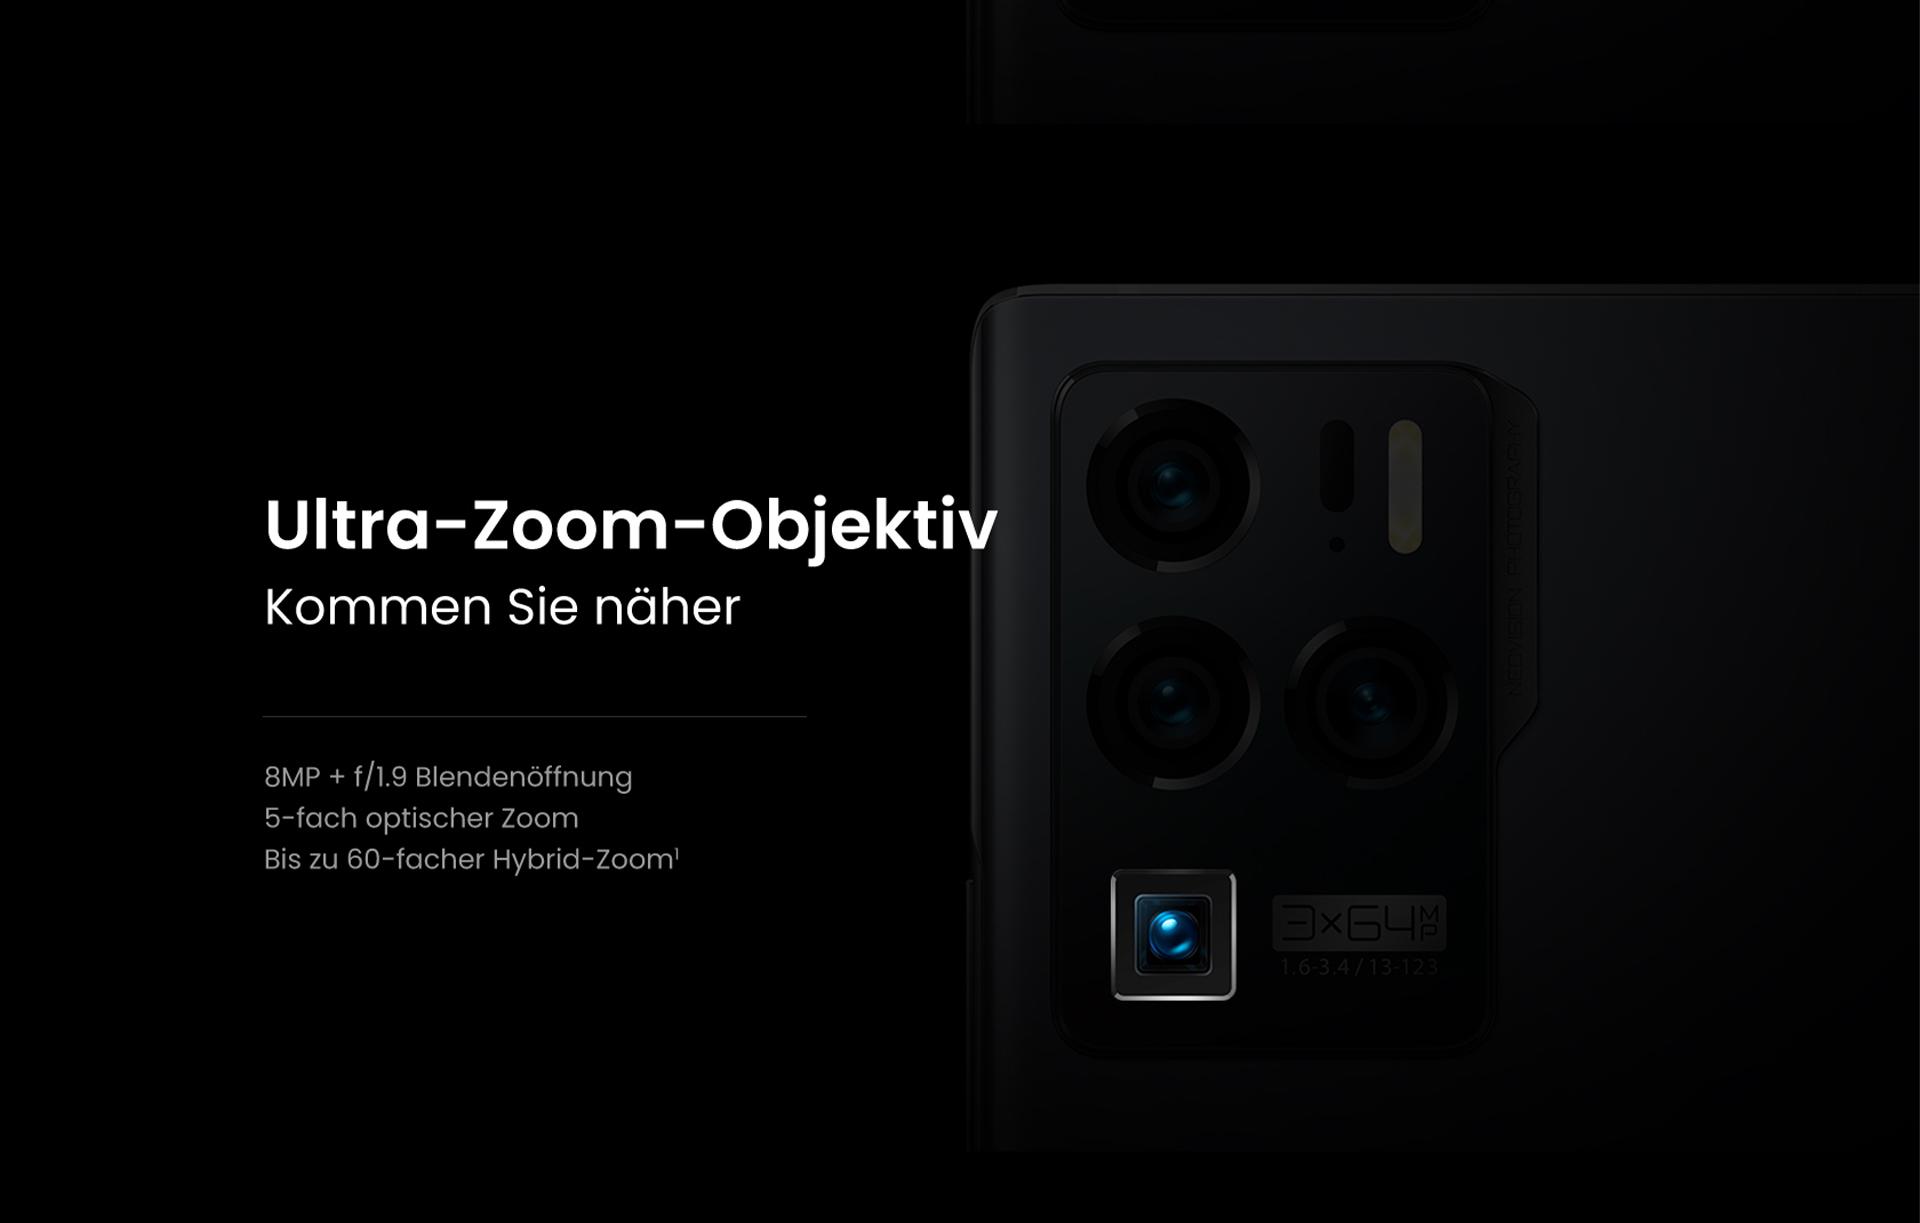 Das Ultra-Zoom-Objektiv des ZTE Axon 30 Ultra, Kommen Sie näher - mit 8MP + f/1.9 Blendenöffnung, 5-facher optischer Zoom und bis zu 60-fachem Hybrid-Zoom